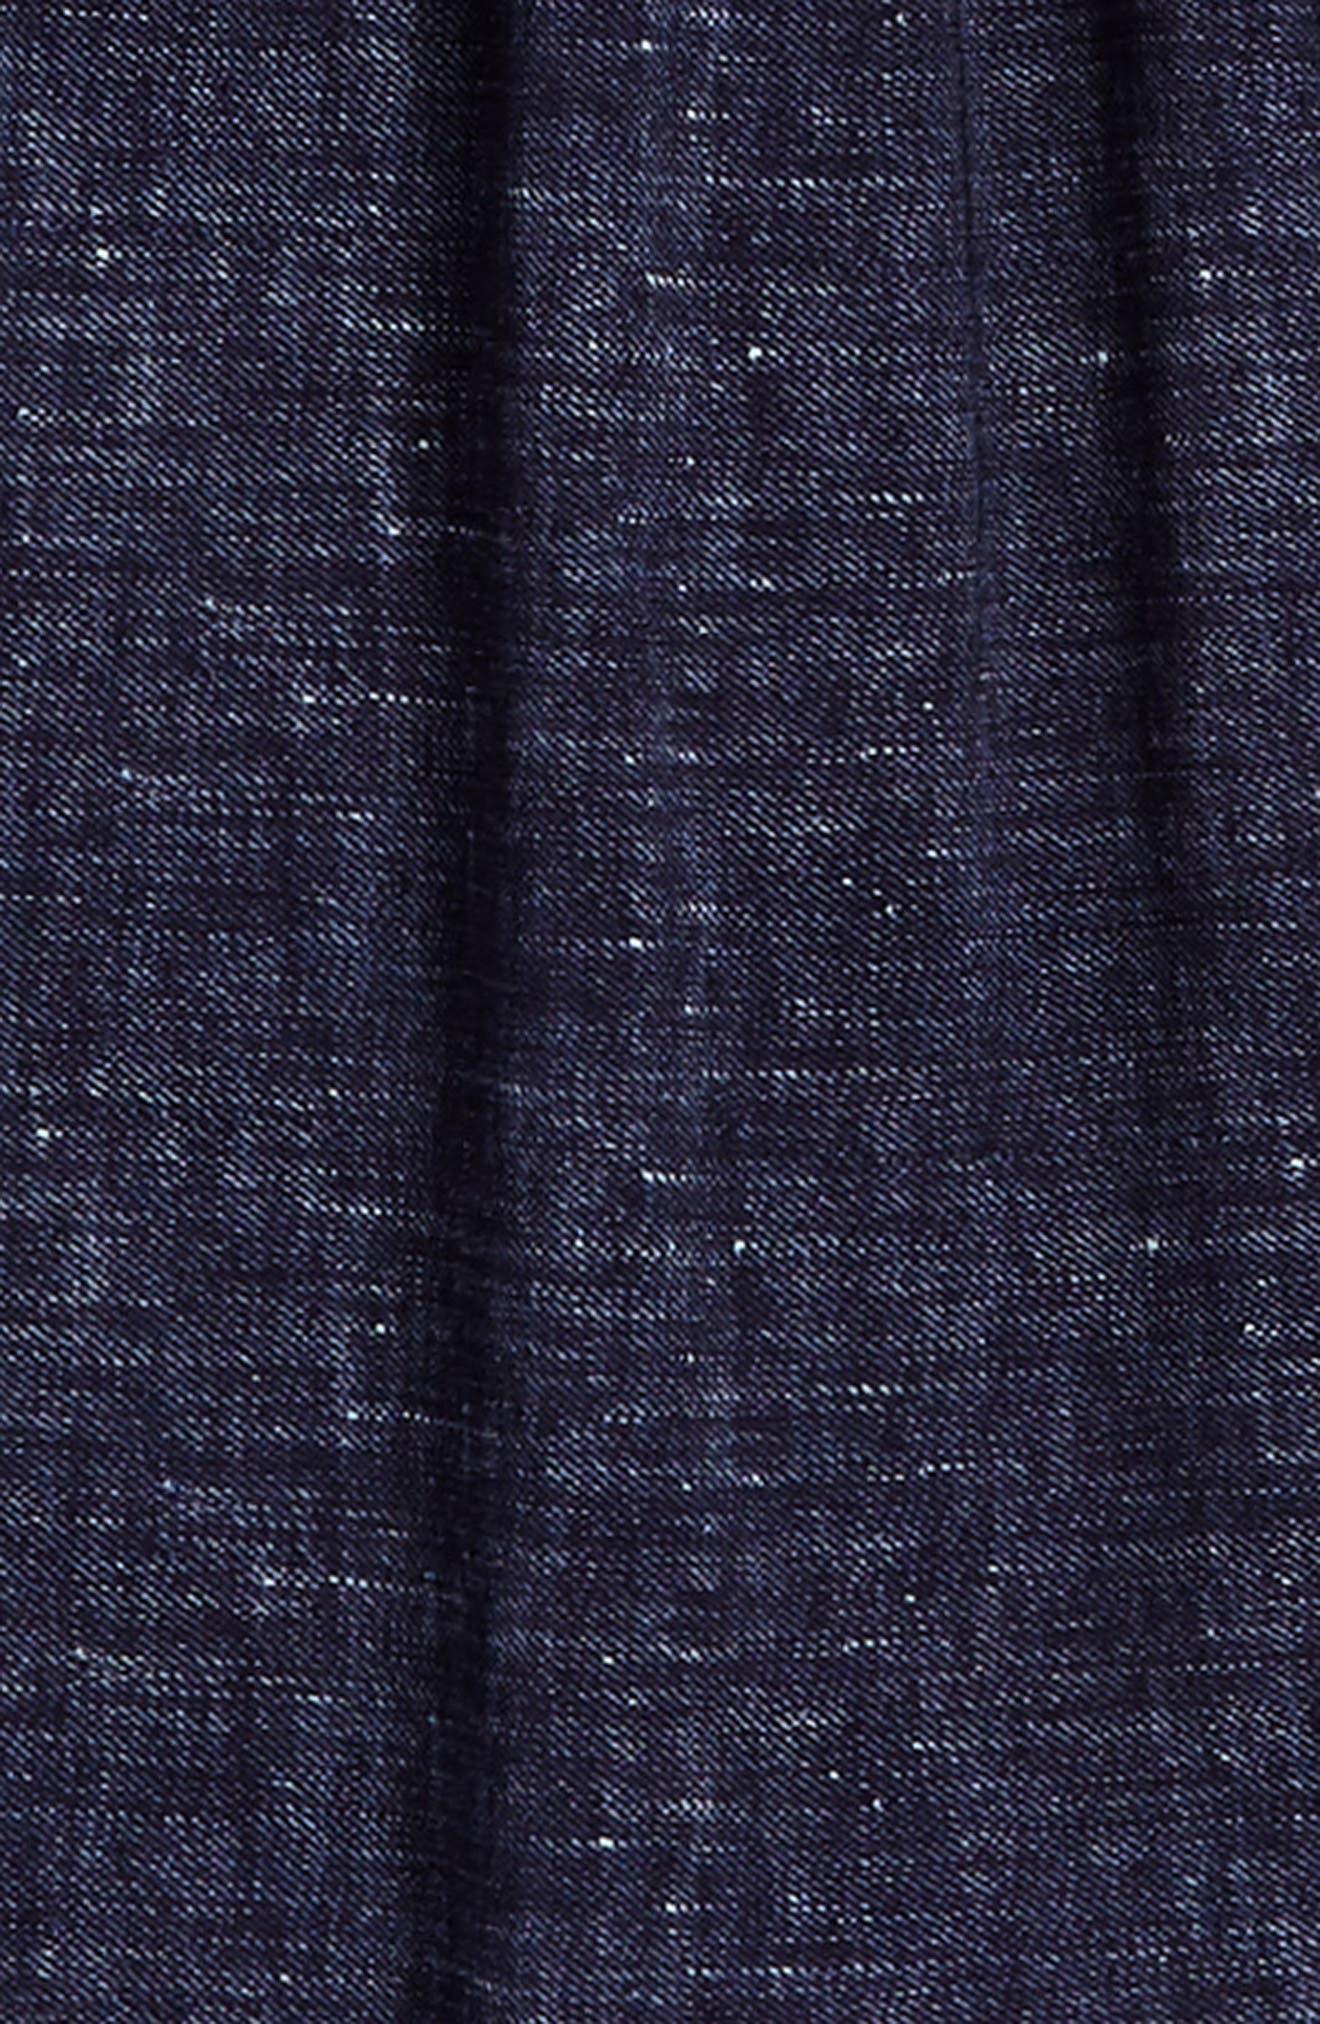 Bella Cold Shoulder Dress,                             Alternate thumbnail 3, color,                             464